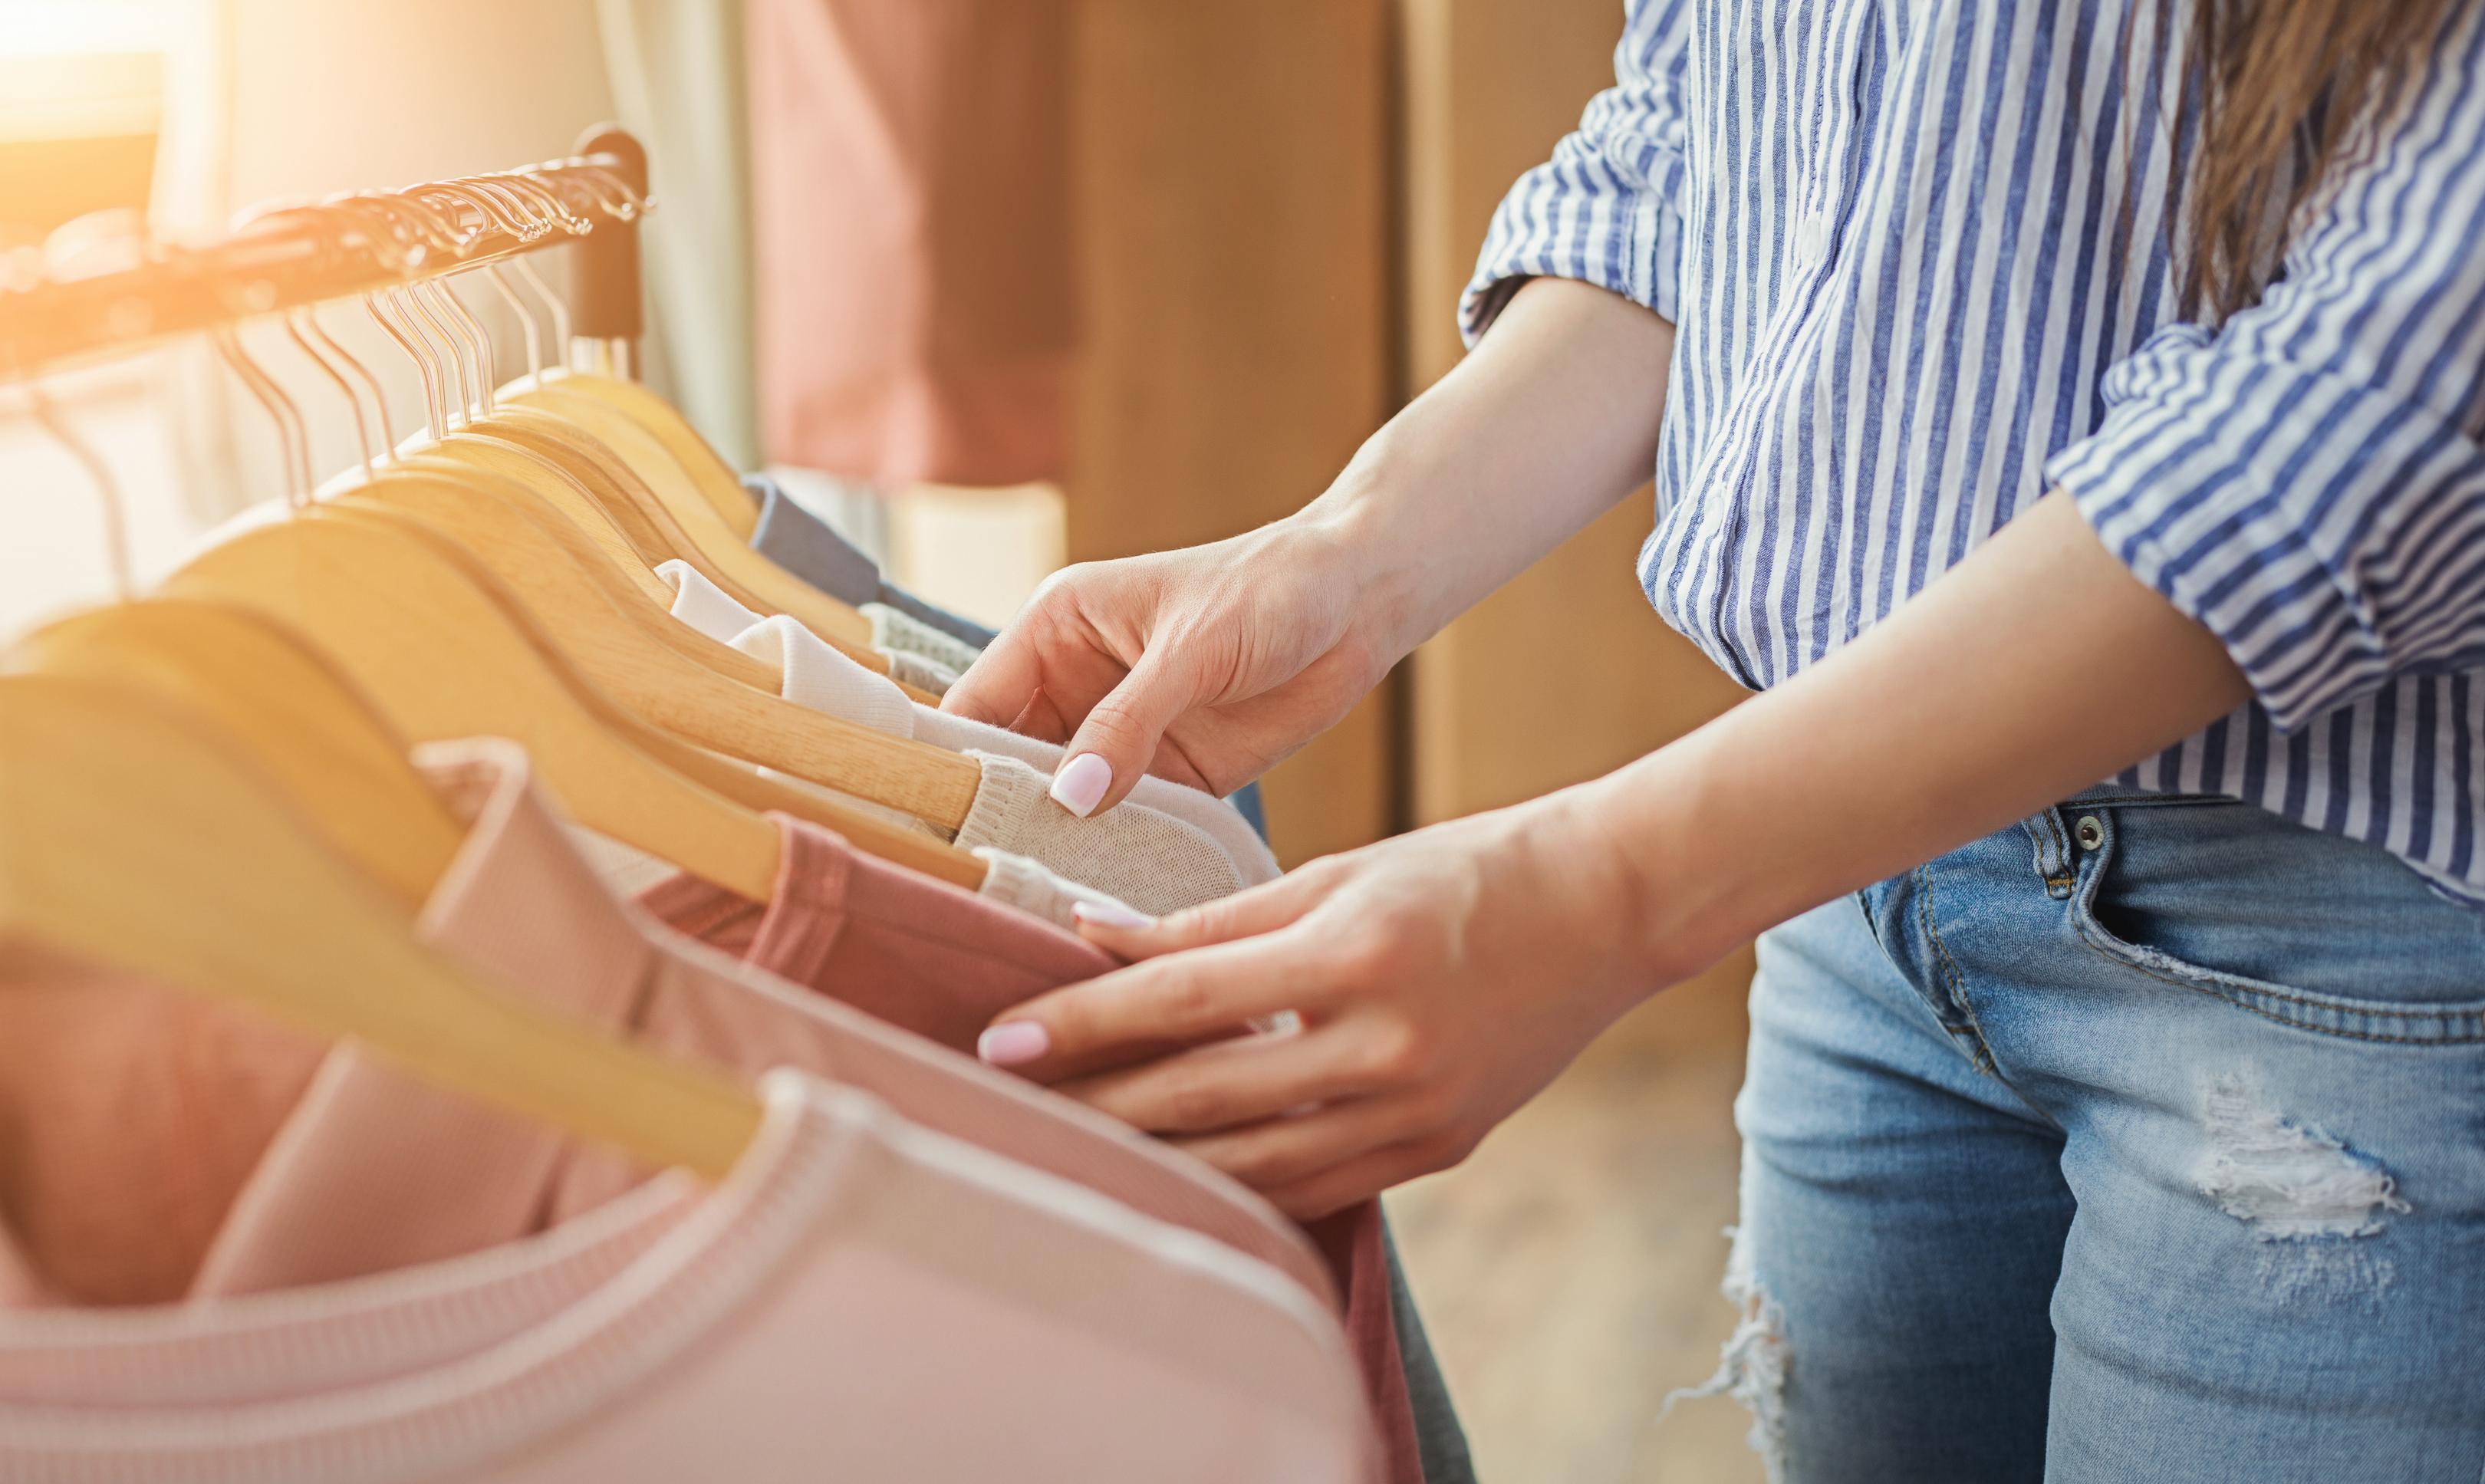 Авторская колонка Анны Ноговициной: как одеть маму стильно